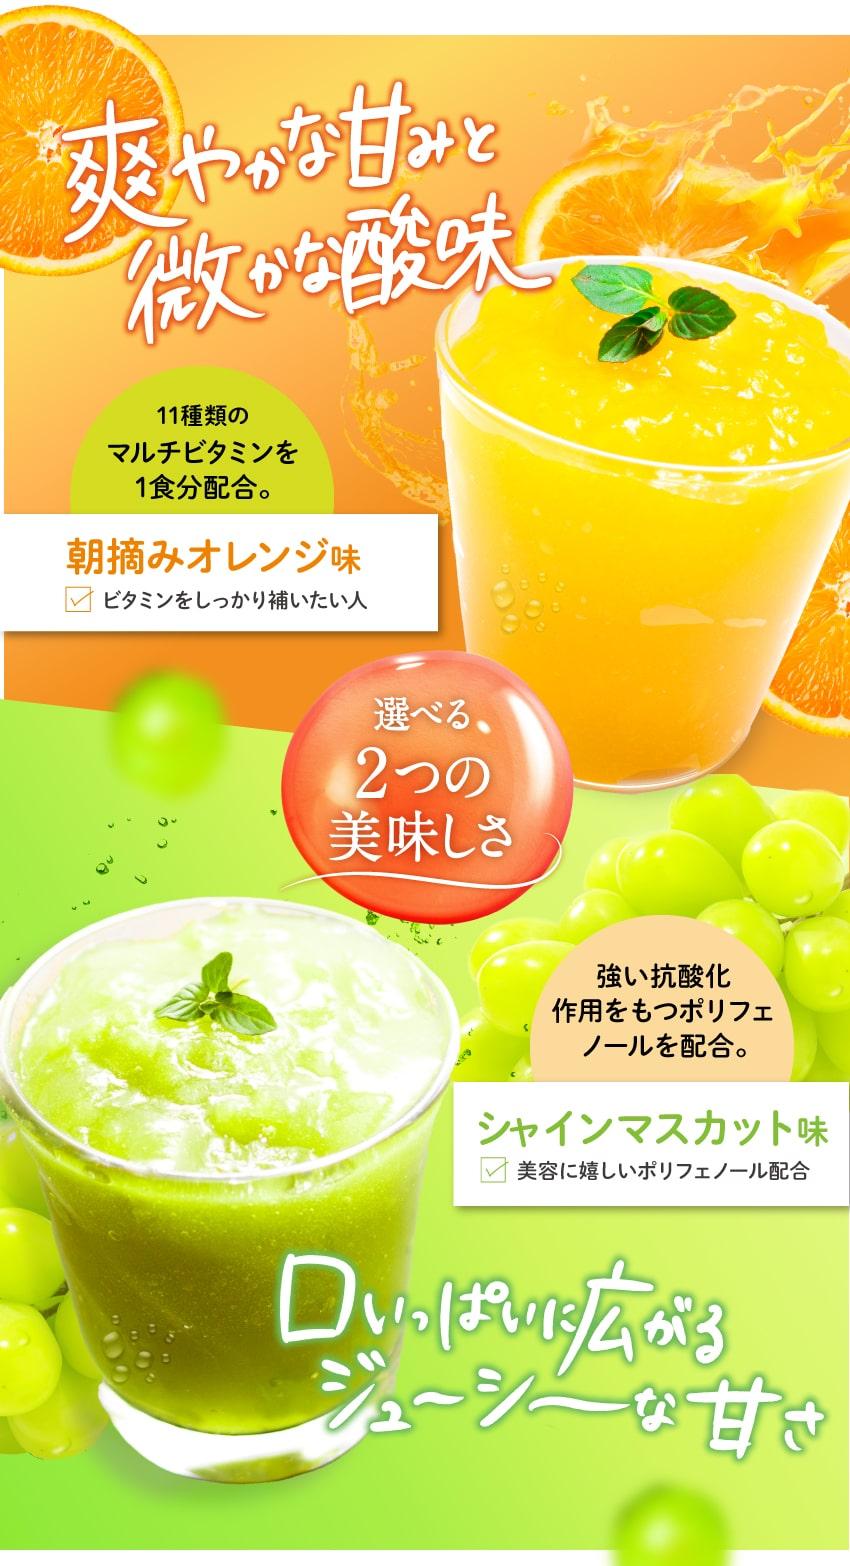 選べる2つの美味しさ 朝摘みオレンジ味・シャインマスカット味